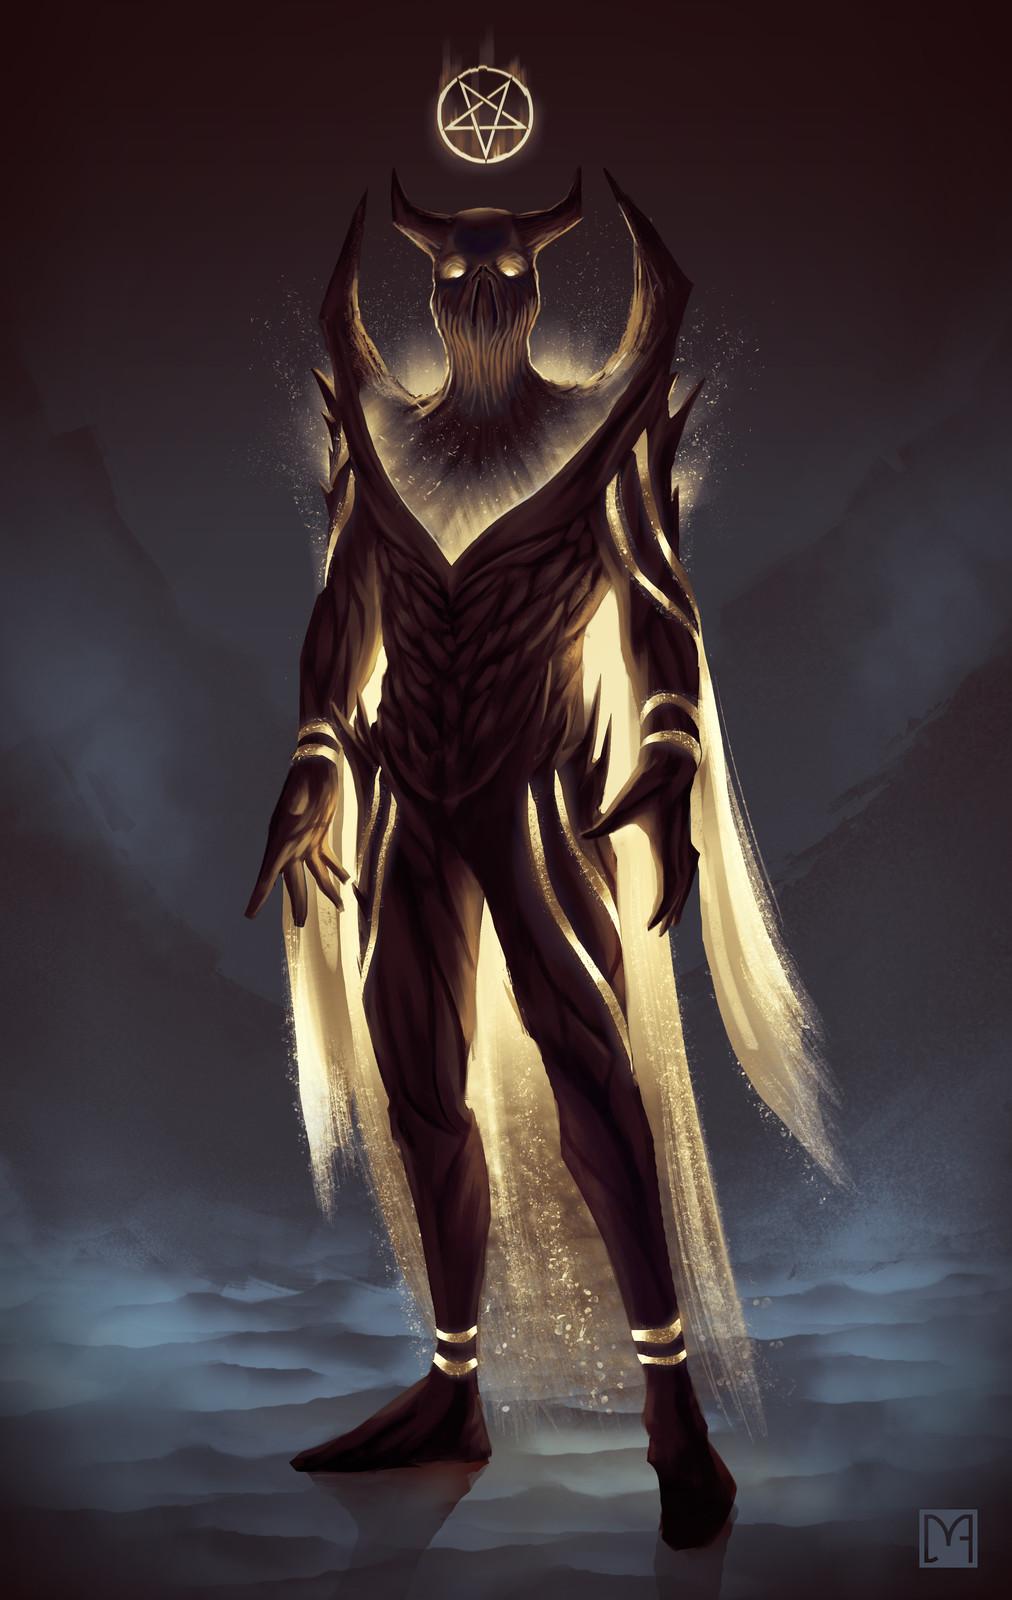 Ethereal demon